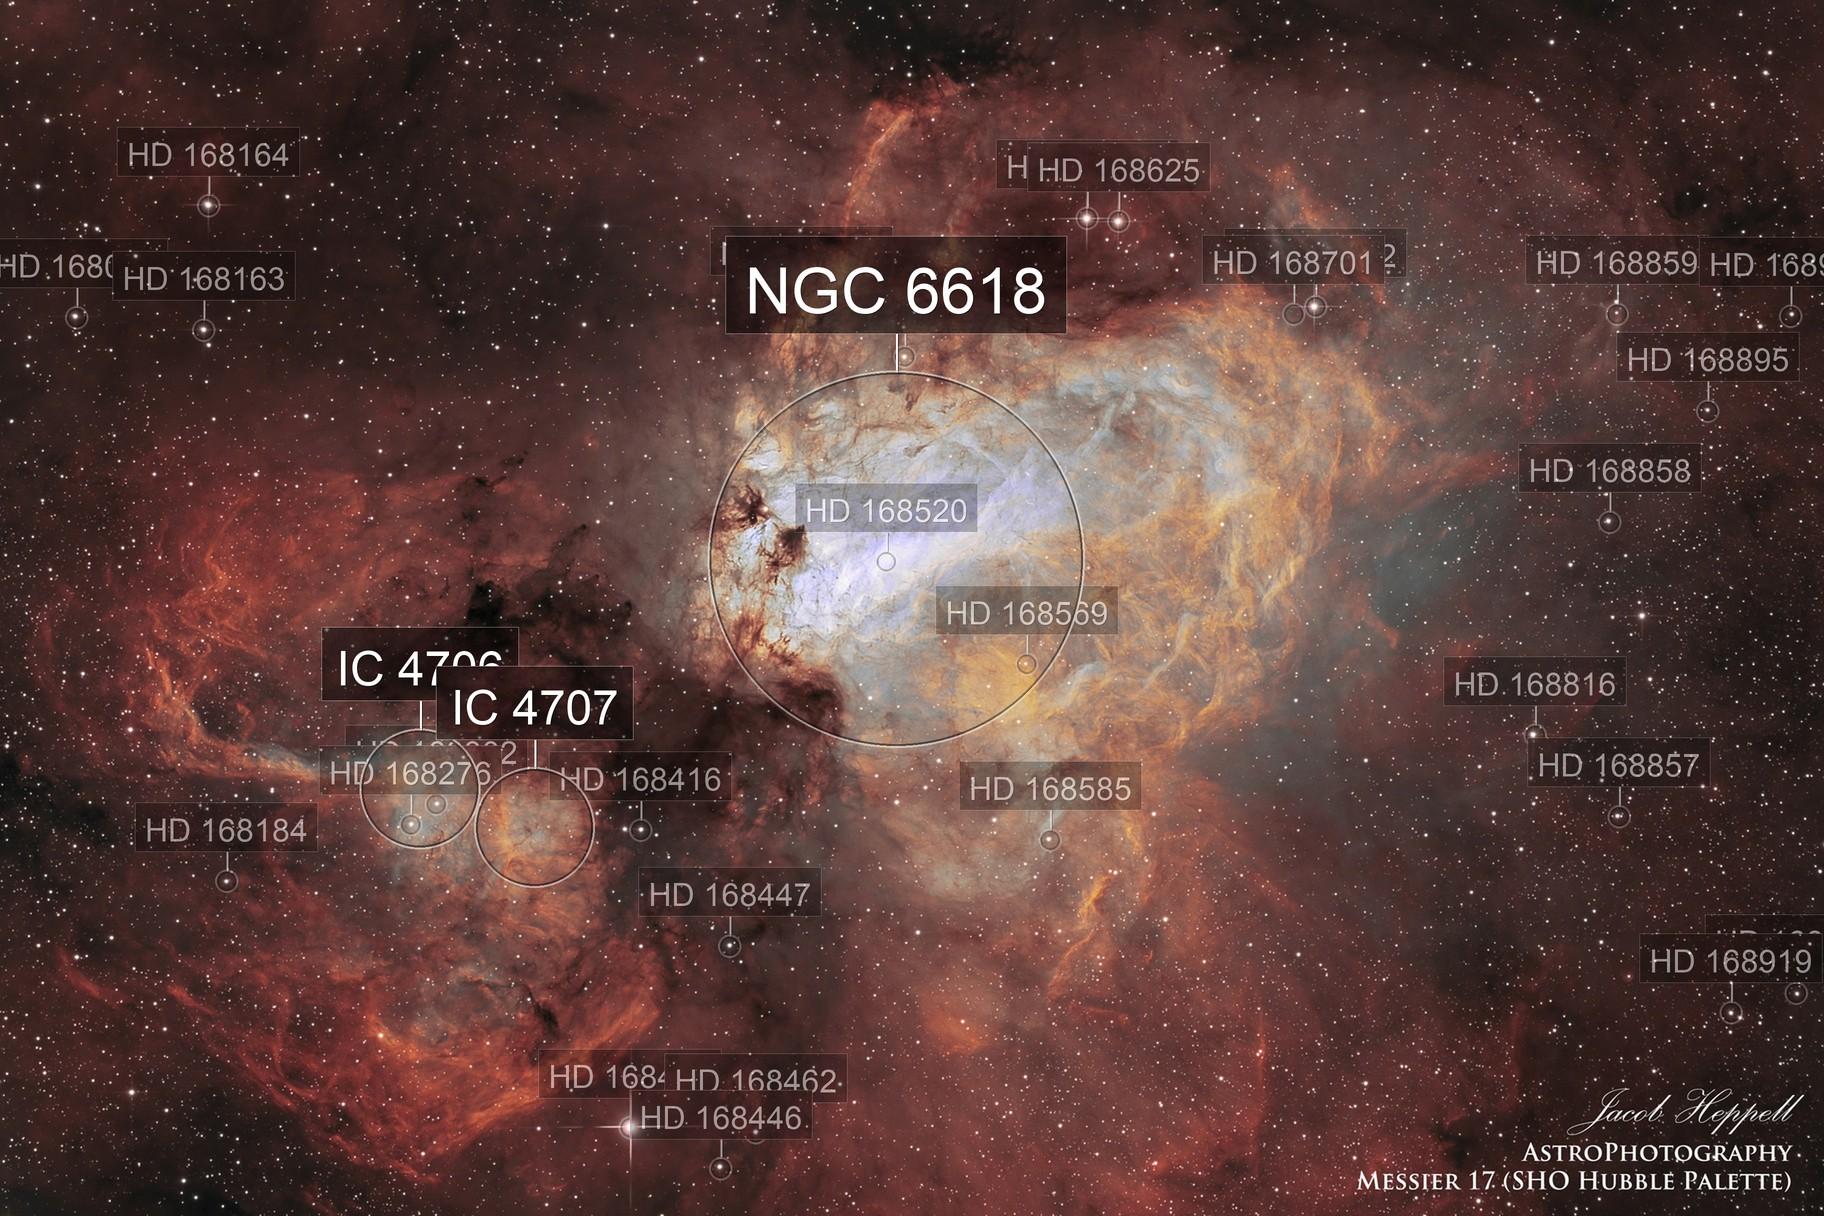 Messier 17 in SHO Hubble Palette